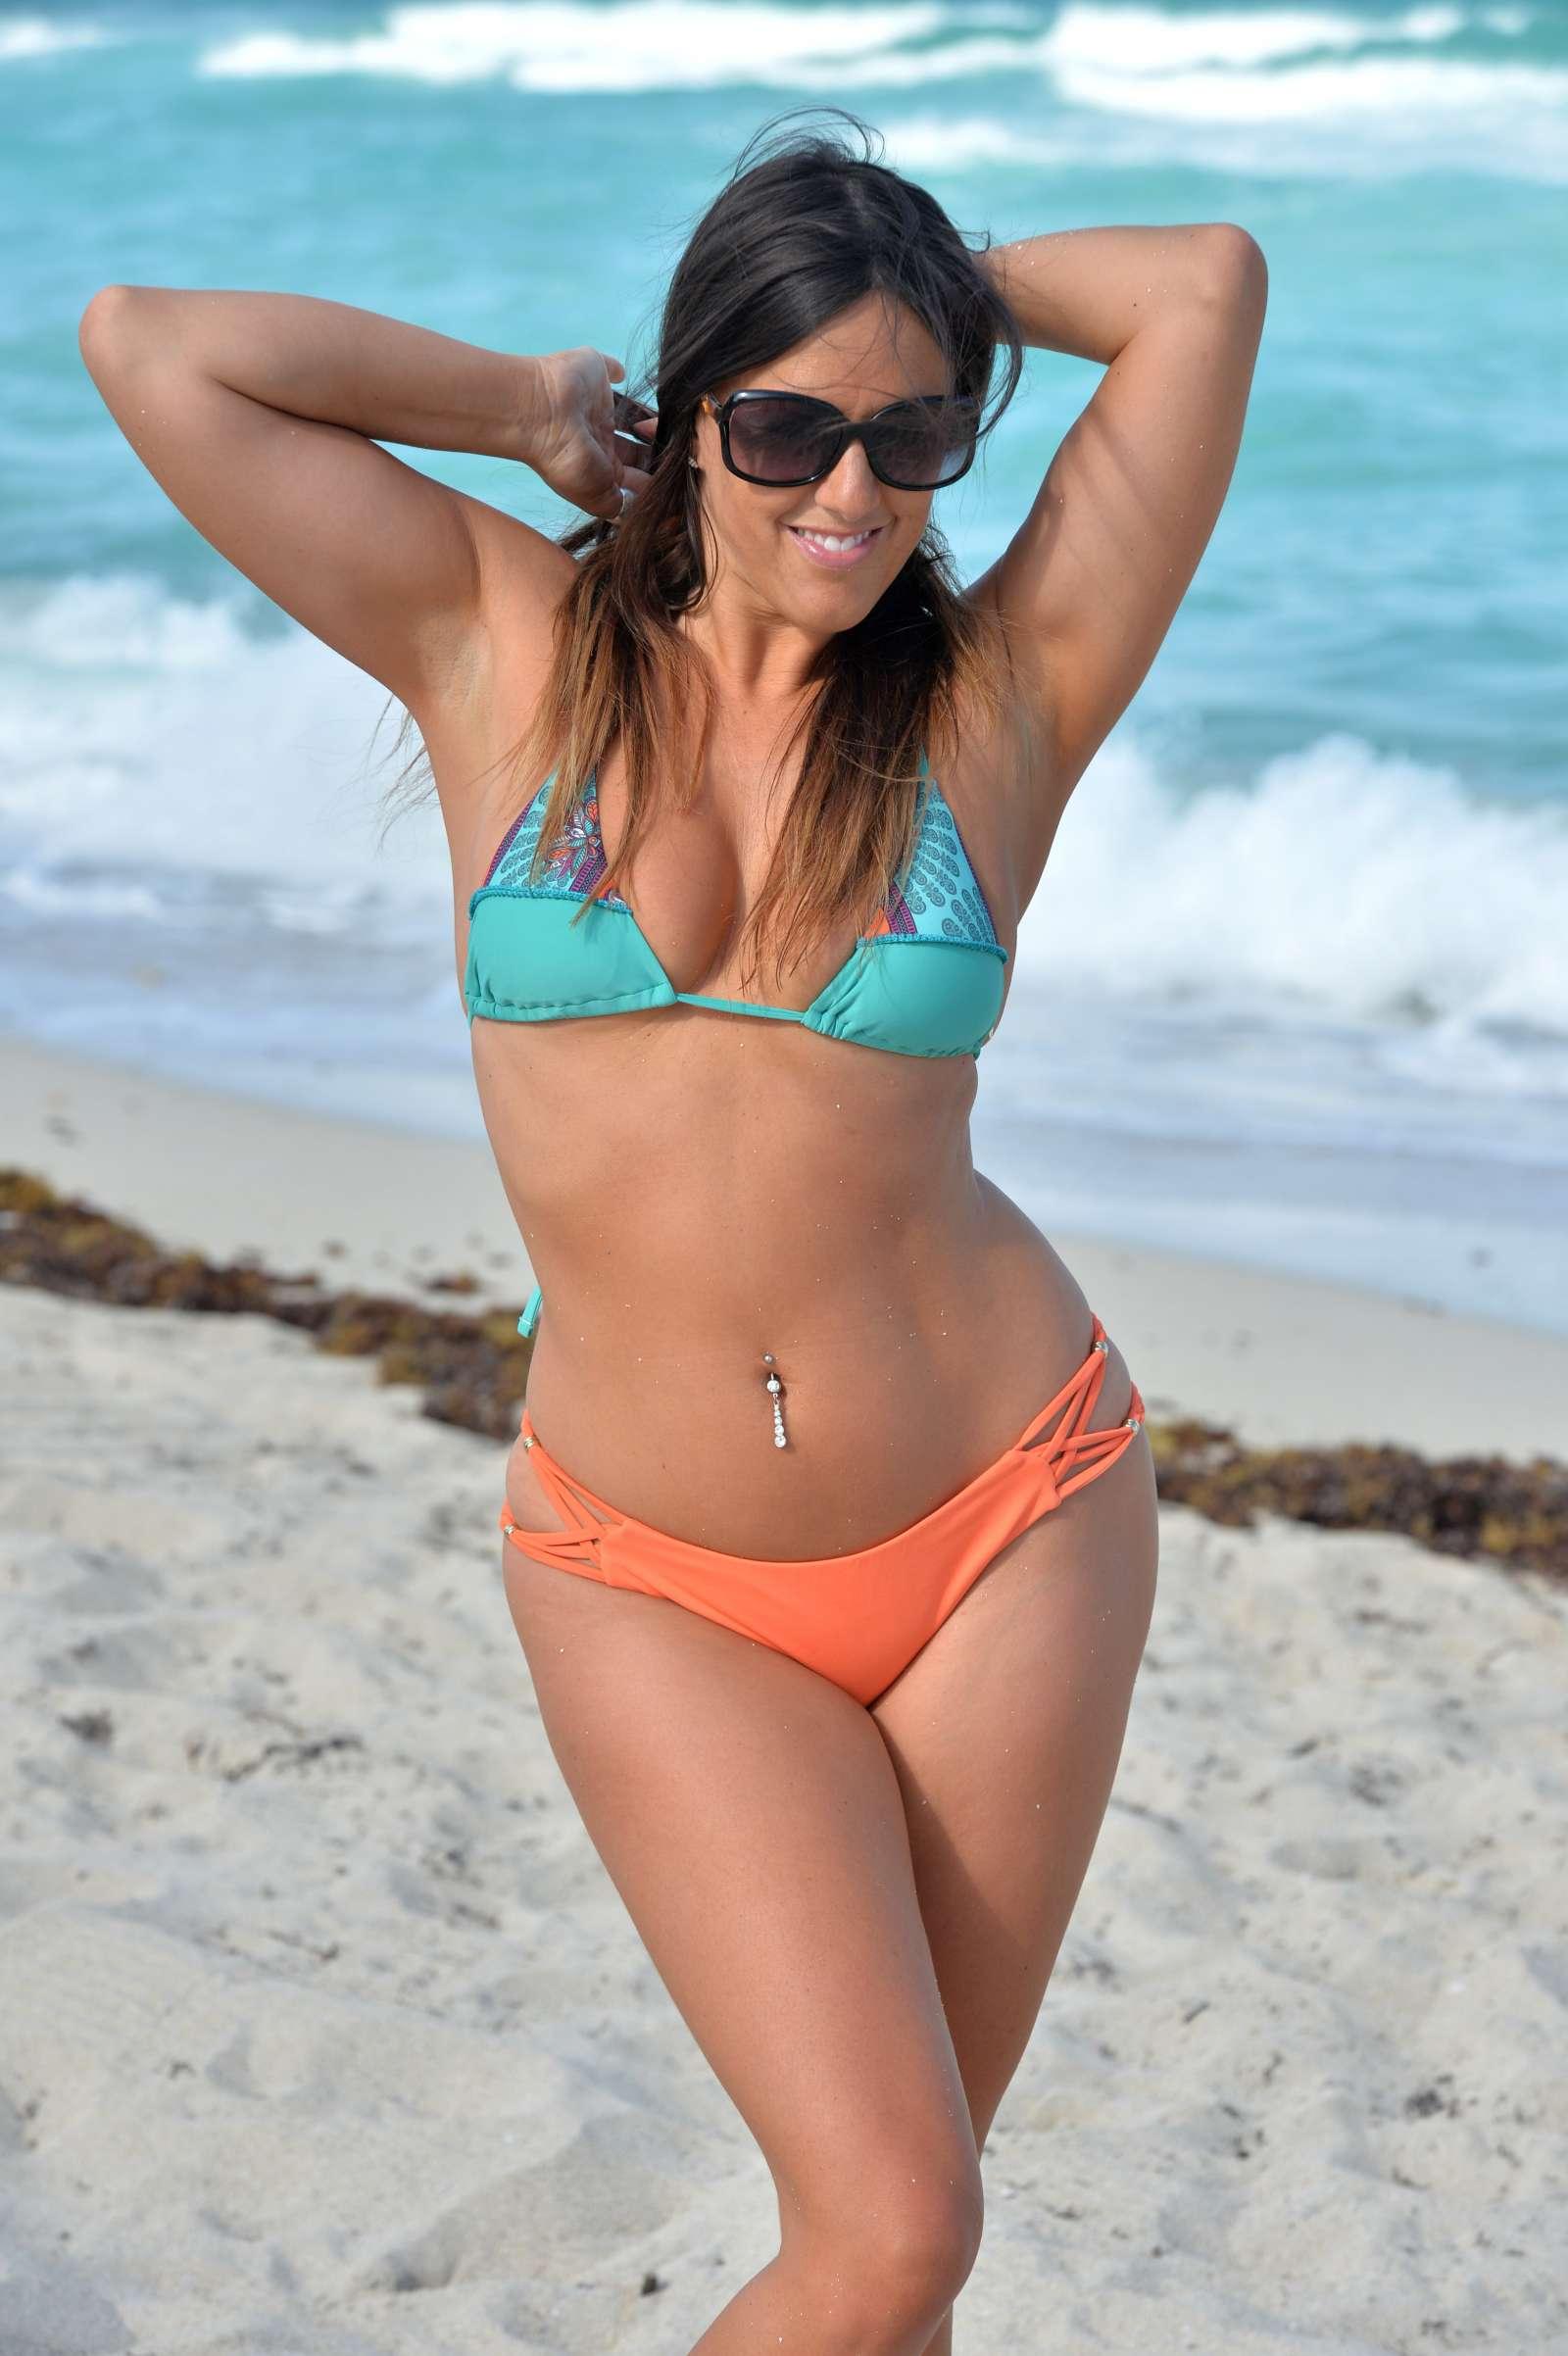 Claudia Romani in a tiny bikini on the beach in Miami